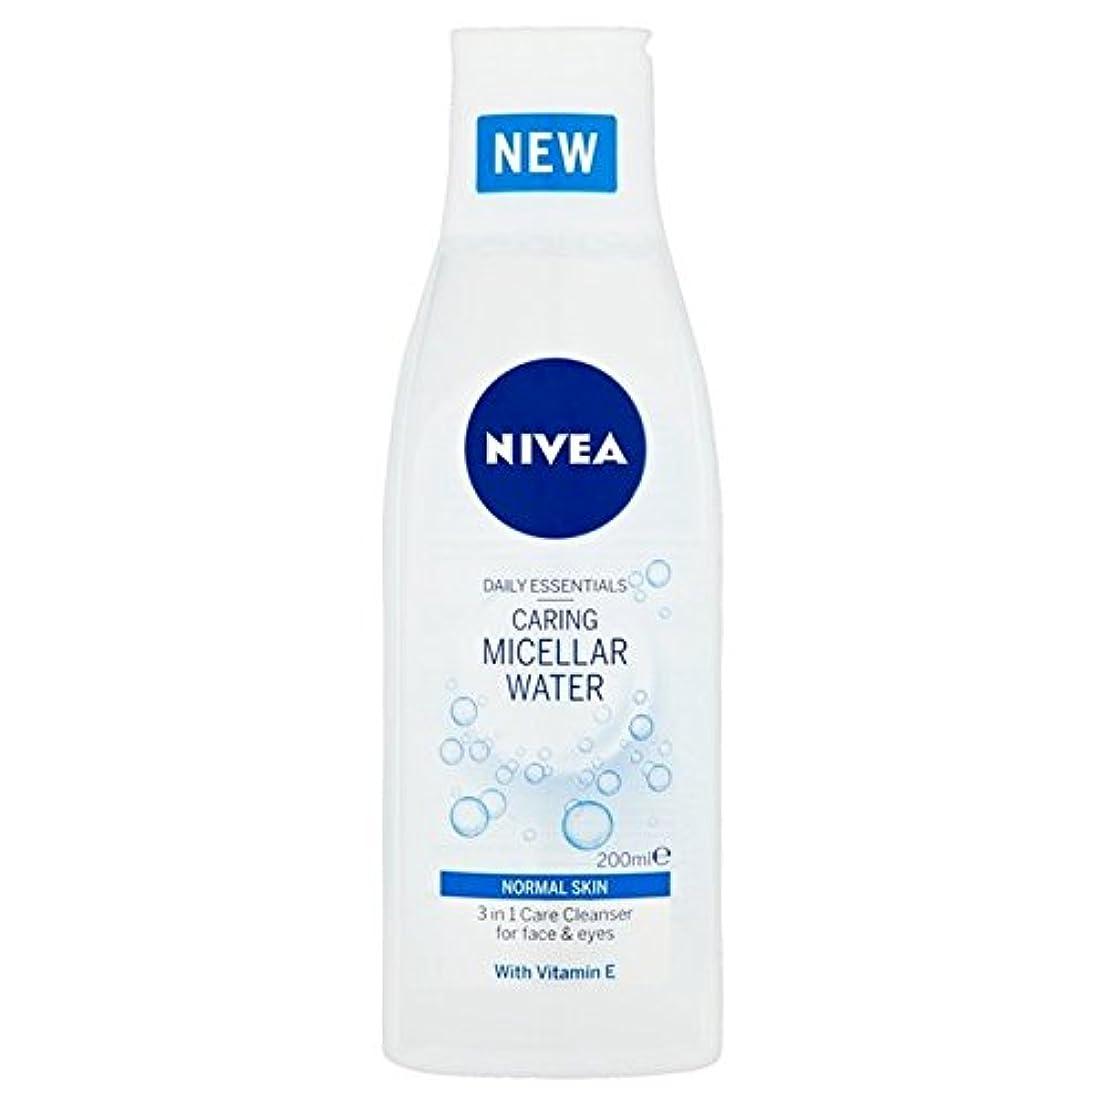 寂しい書き込み学生Nivea 3 in 1 Sensitive Caring Micellar Water Normal Skin 200ml (Pack of 6) - 1つの敏感な思いやりのあるミセル水の正常な皮膚の200ミリリットルでニベア3 x6 [並行輸入品]